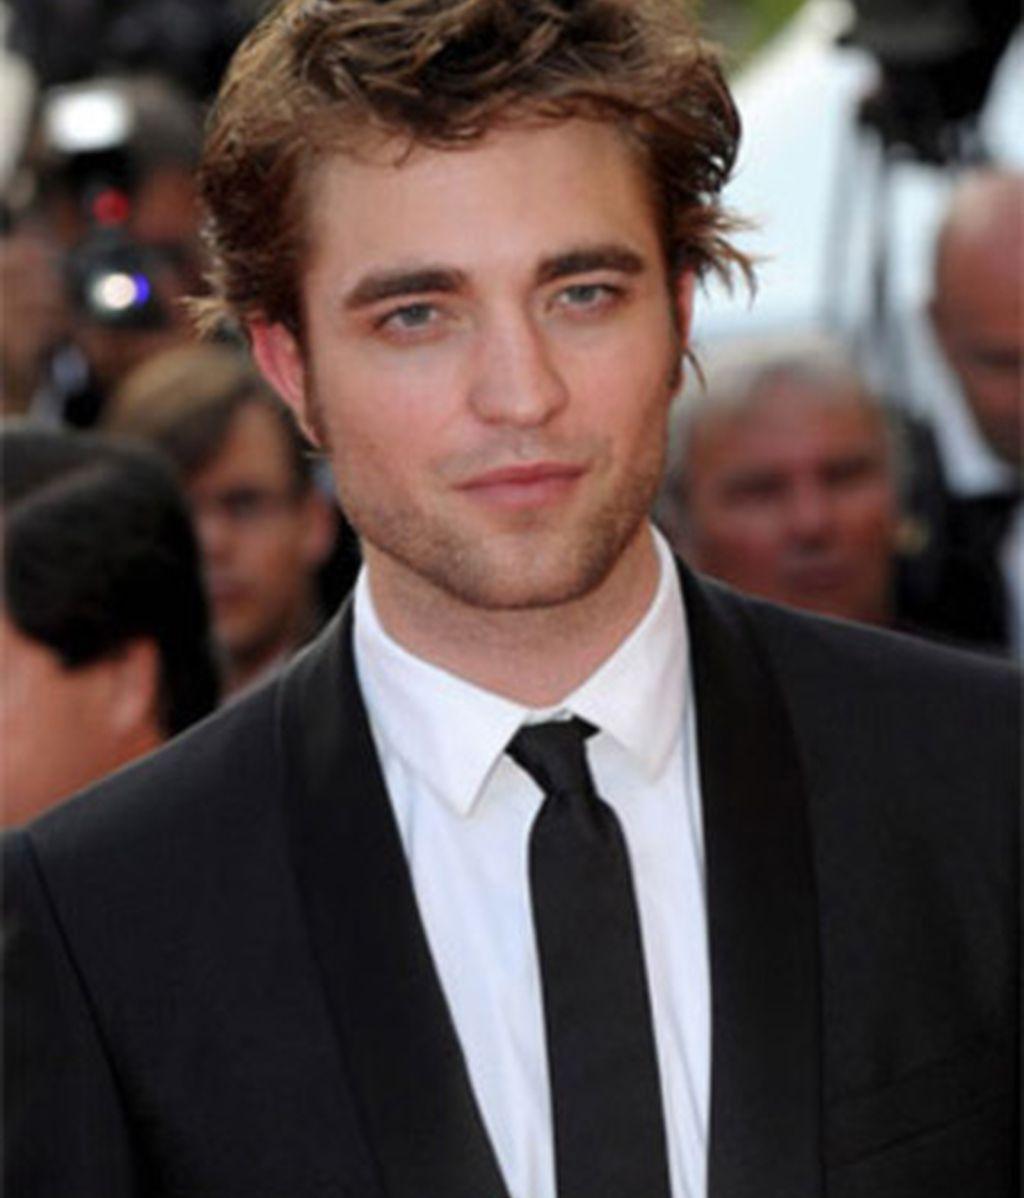 Robert Pattinson, en el Festival de Canne. Foto: EFE